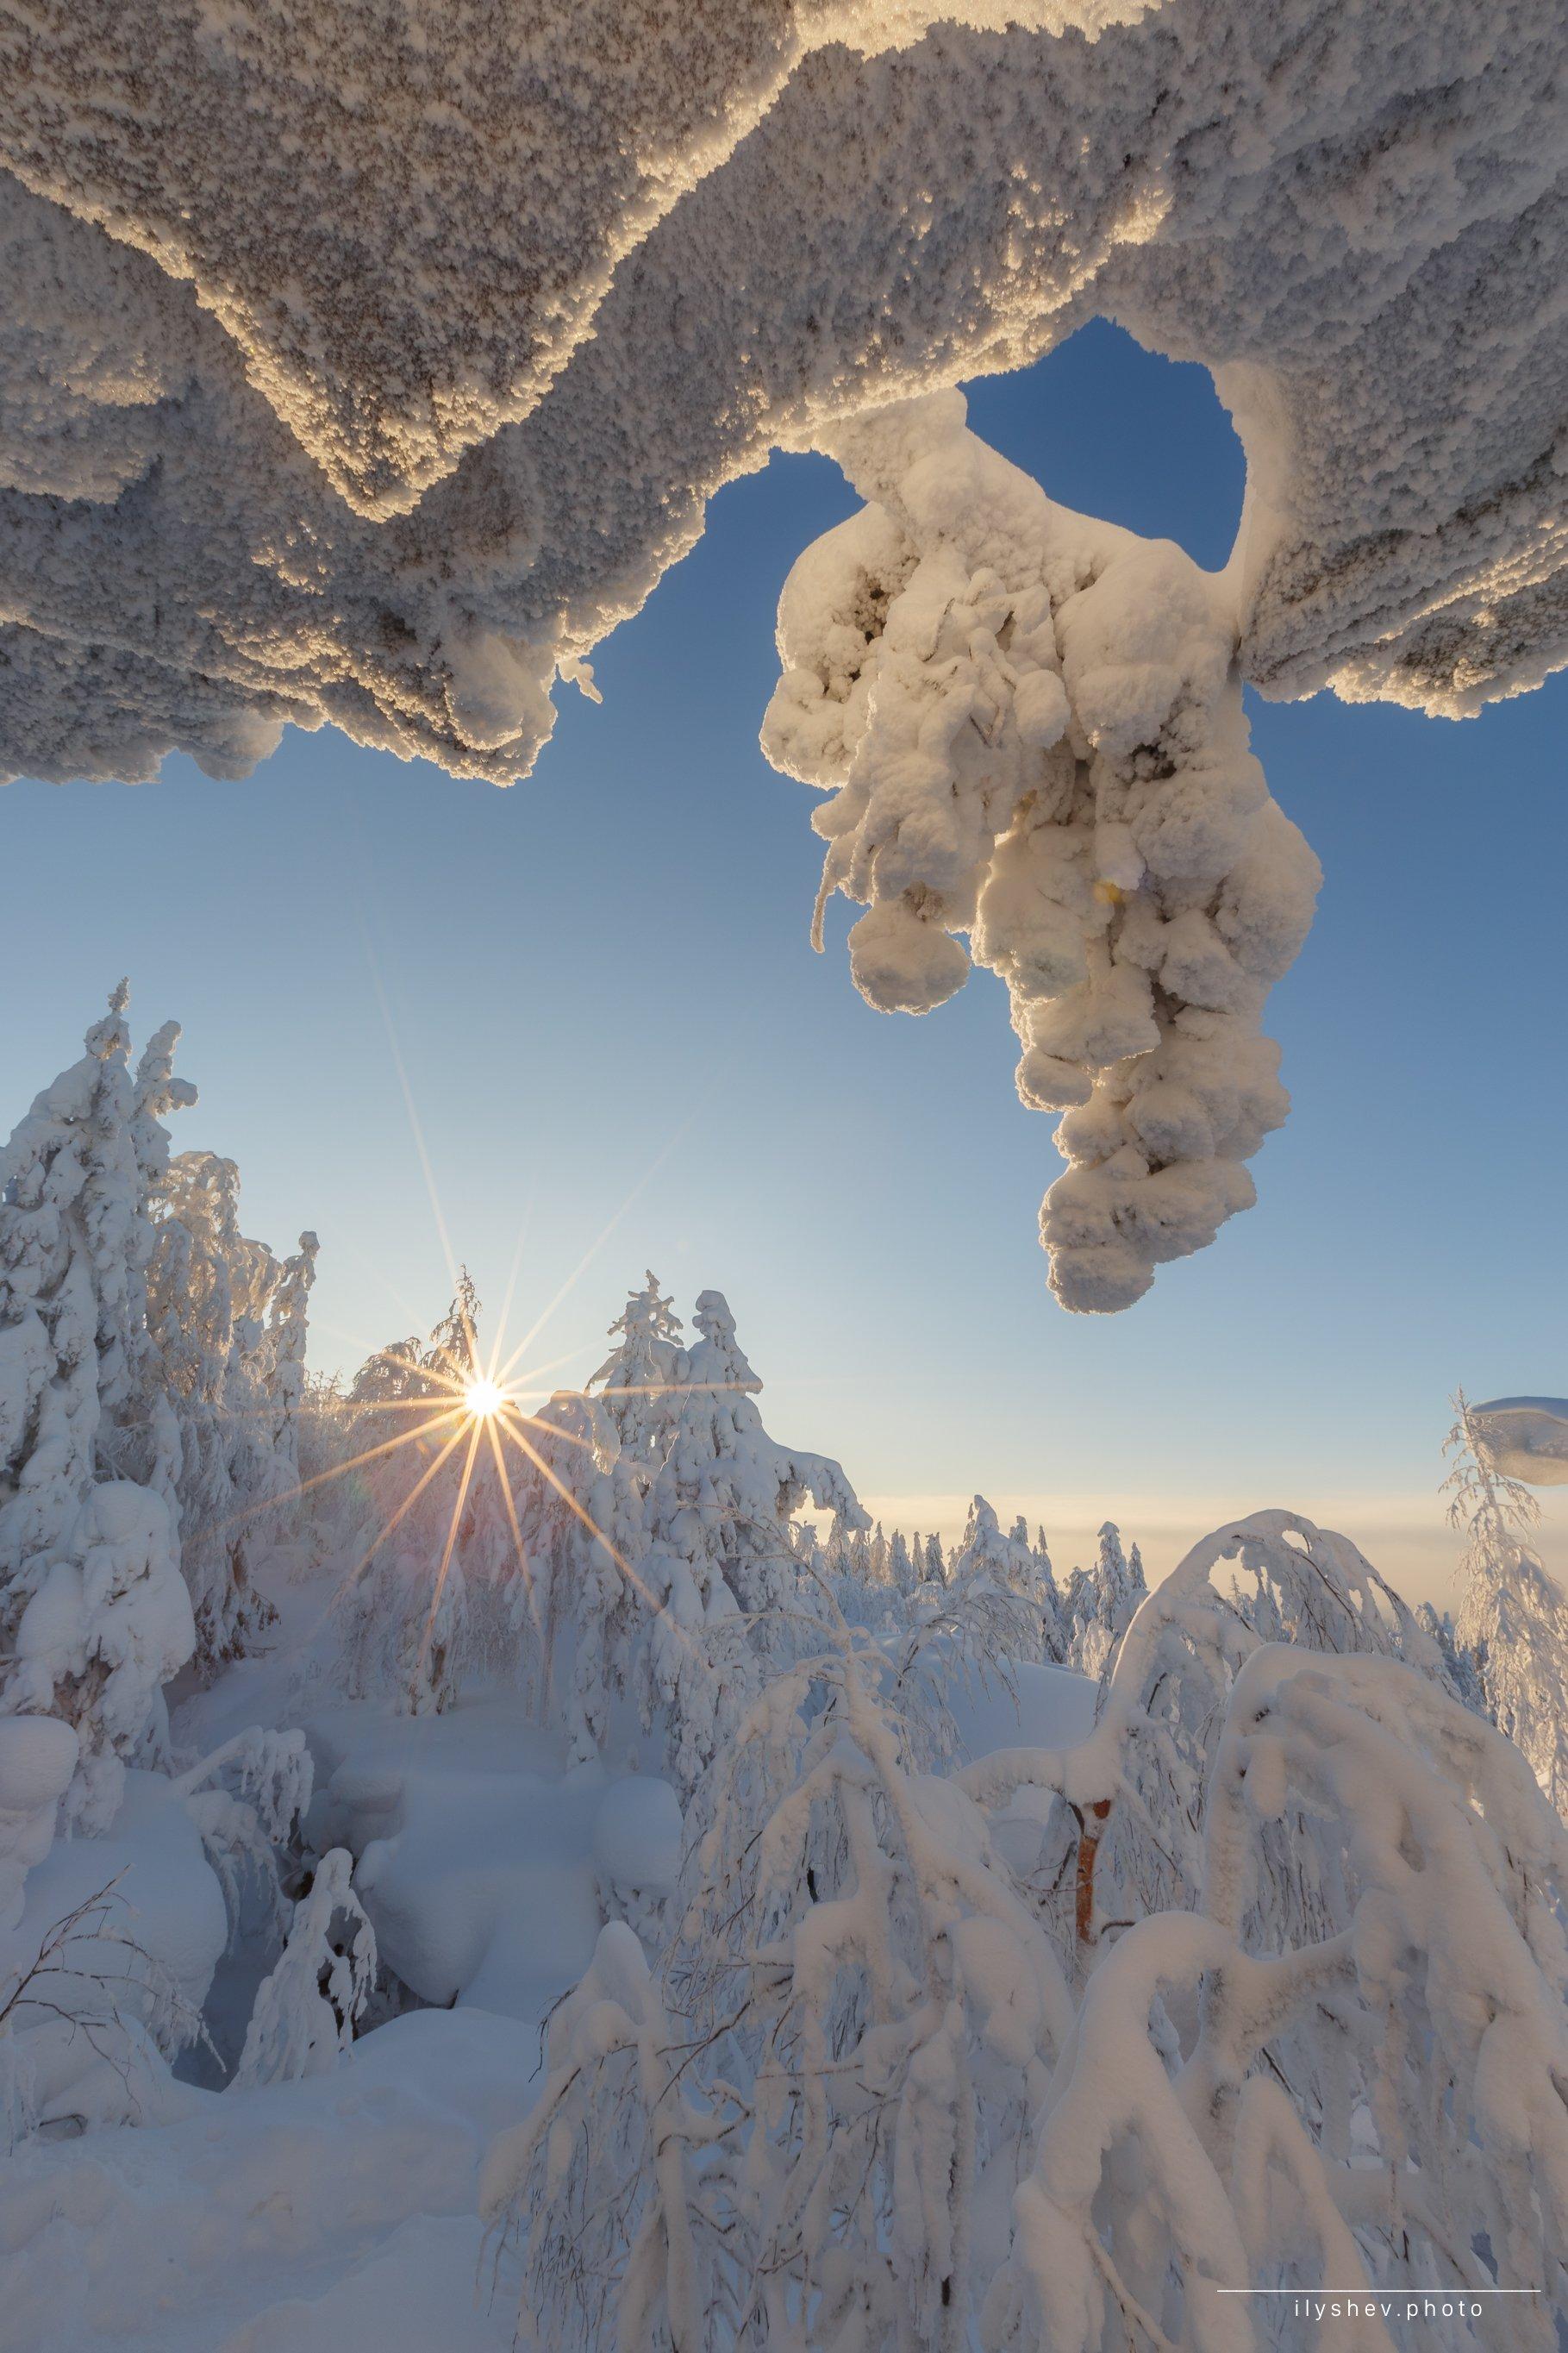 Урал, пейзаж, природа, солнце, морозное утро, мороз,, Дмитрий Илышев (ilyshev.photo)